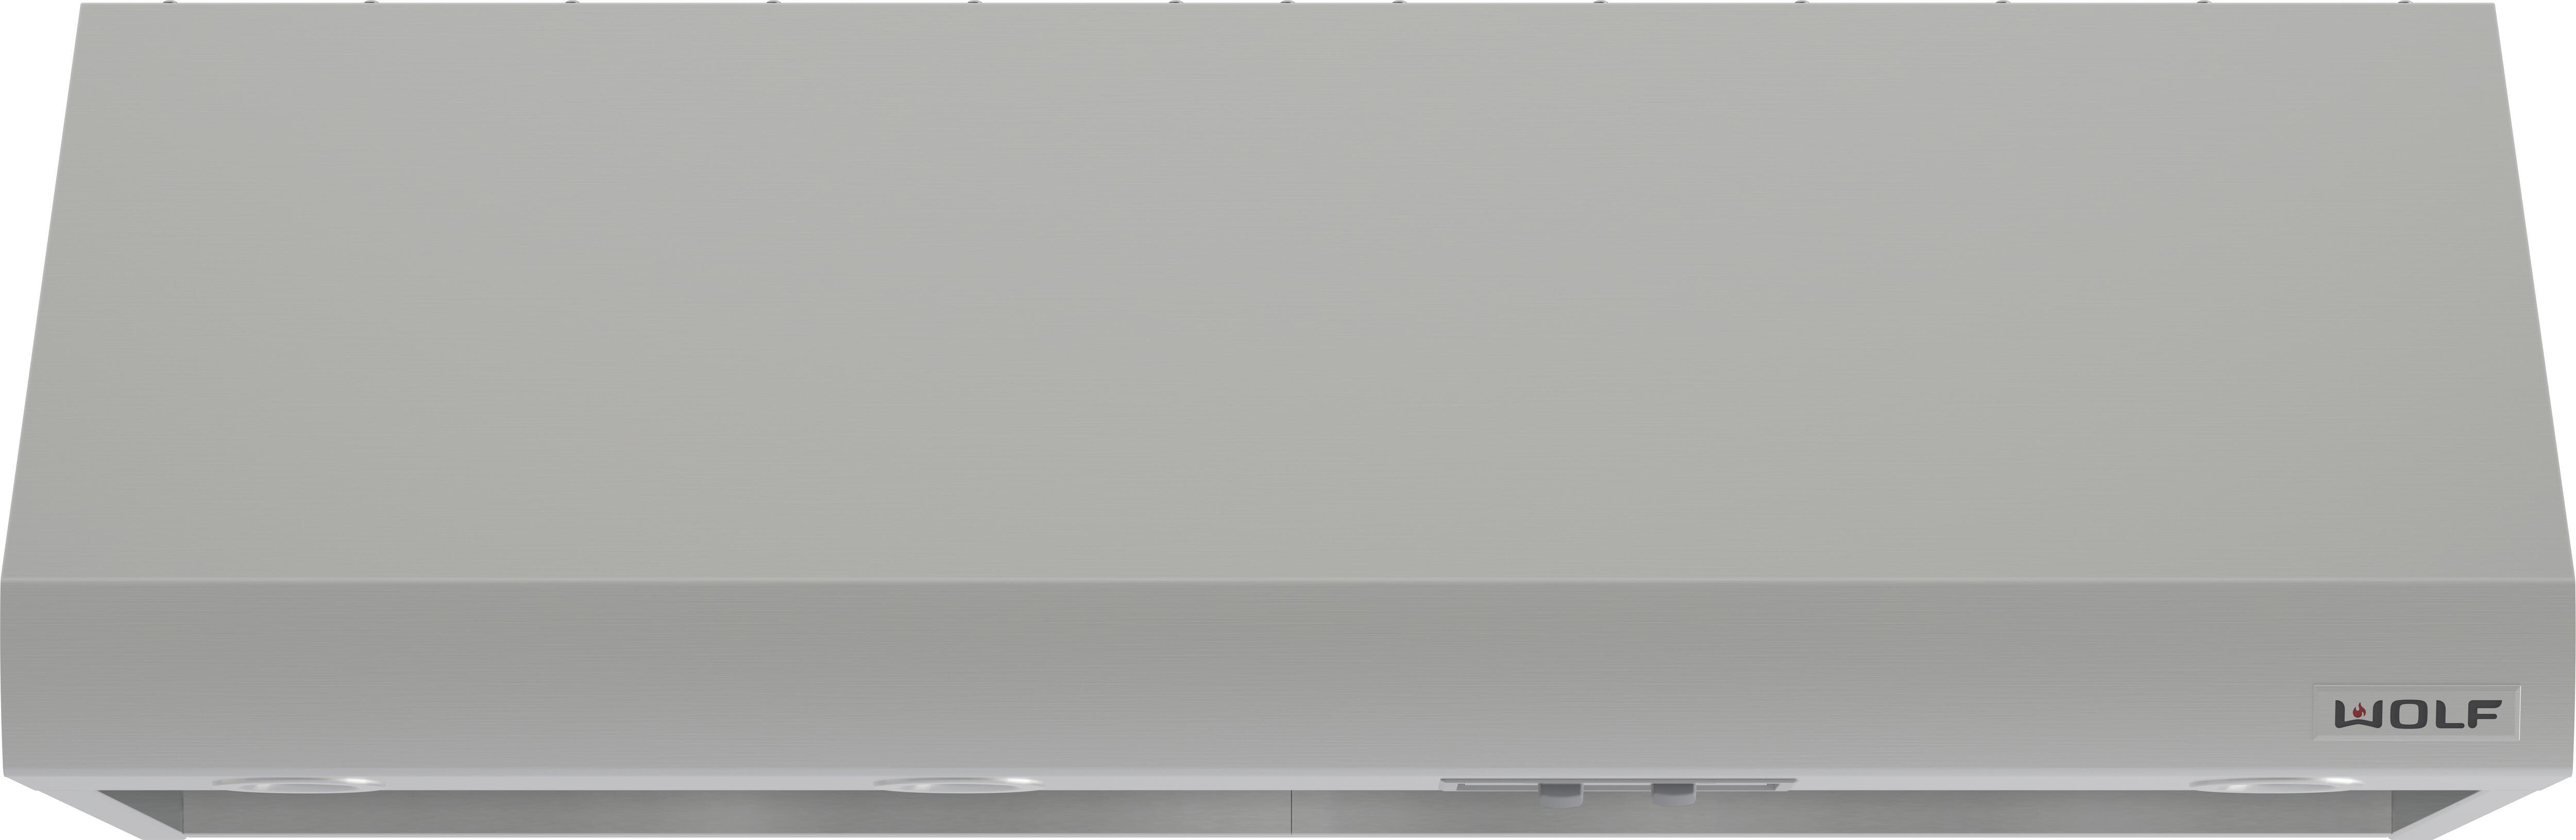 """Model: PW542418   Wolf 54"""" Pro Wall Hood - 24"""" Depth"""